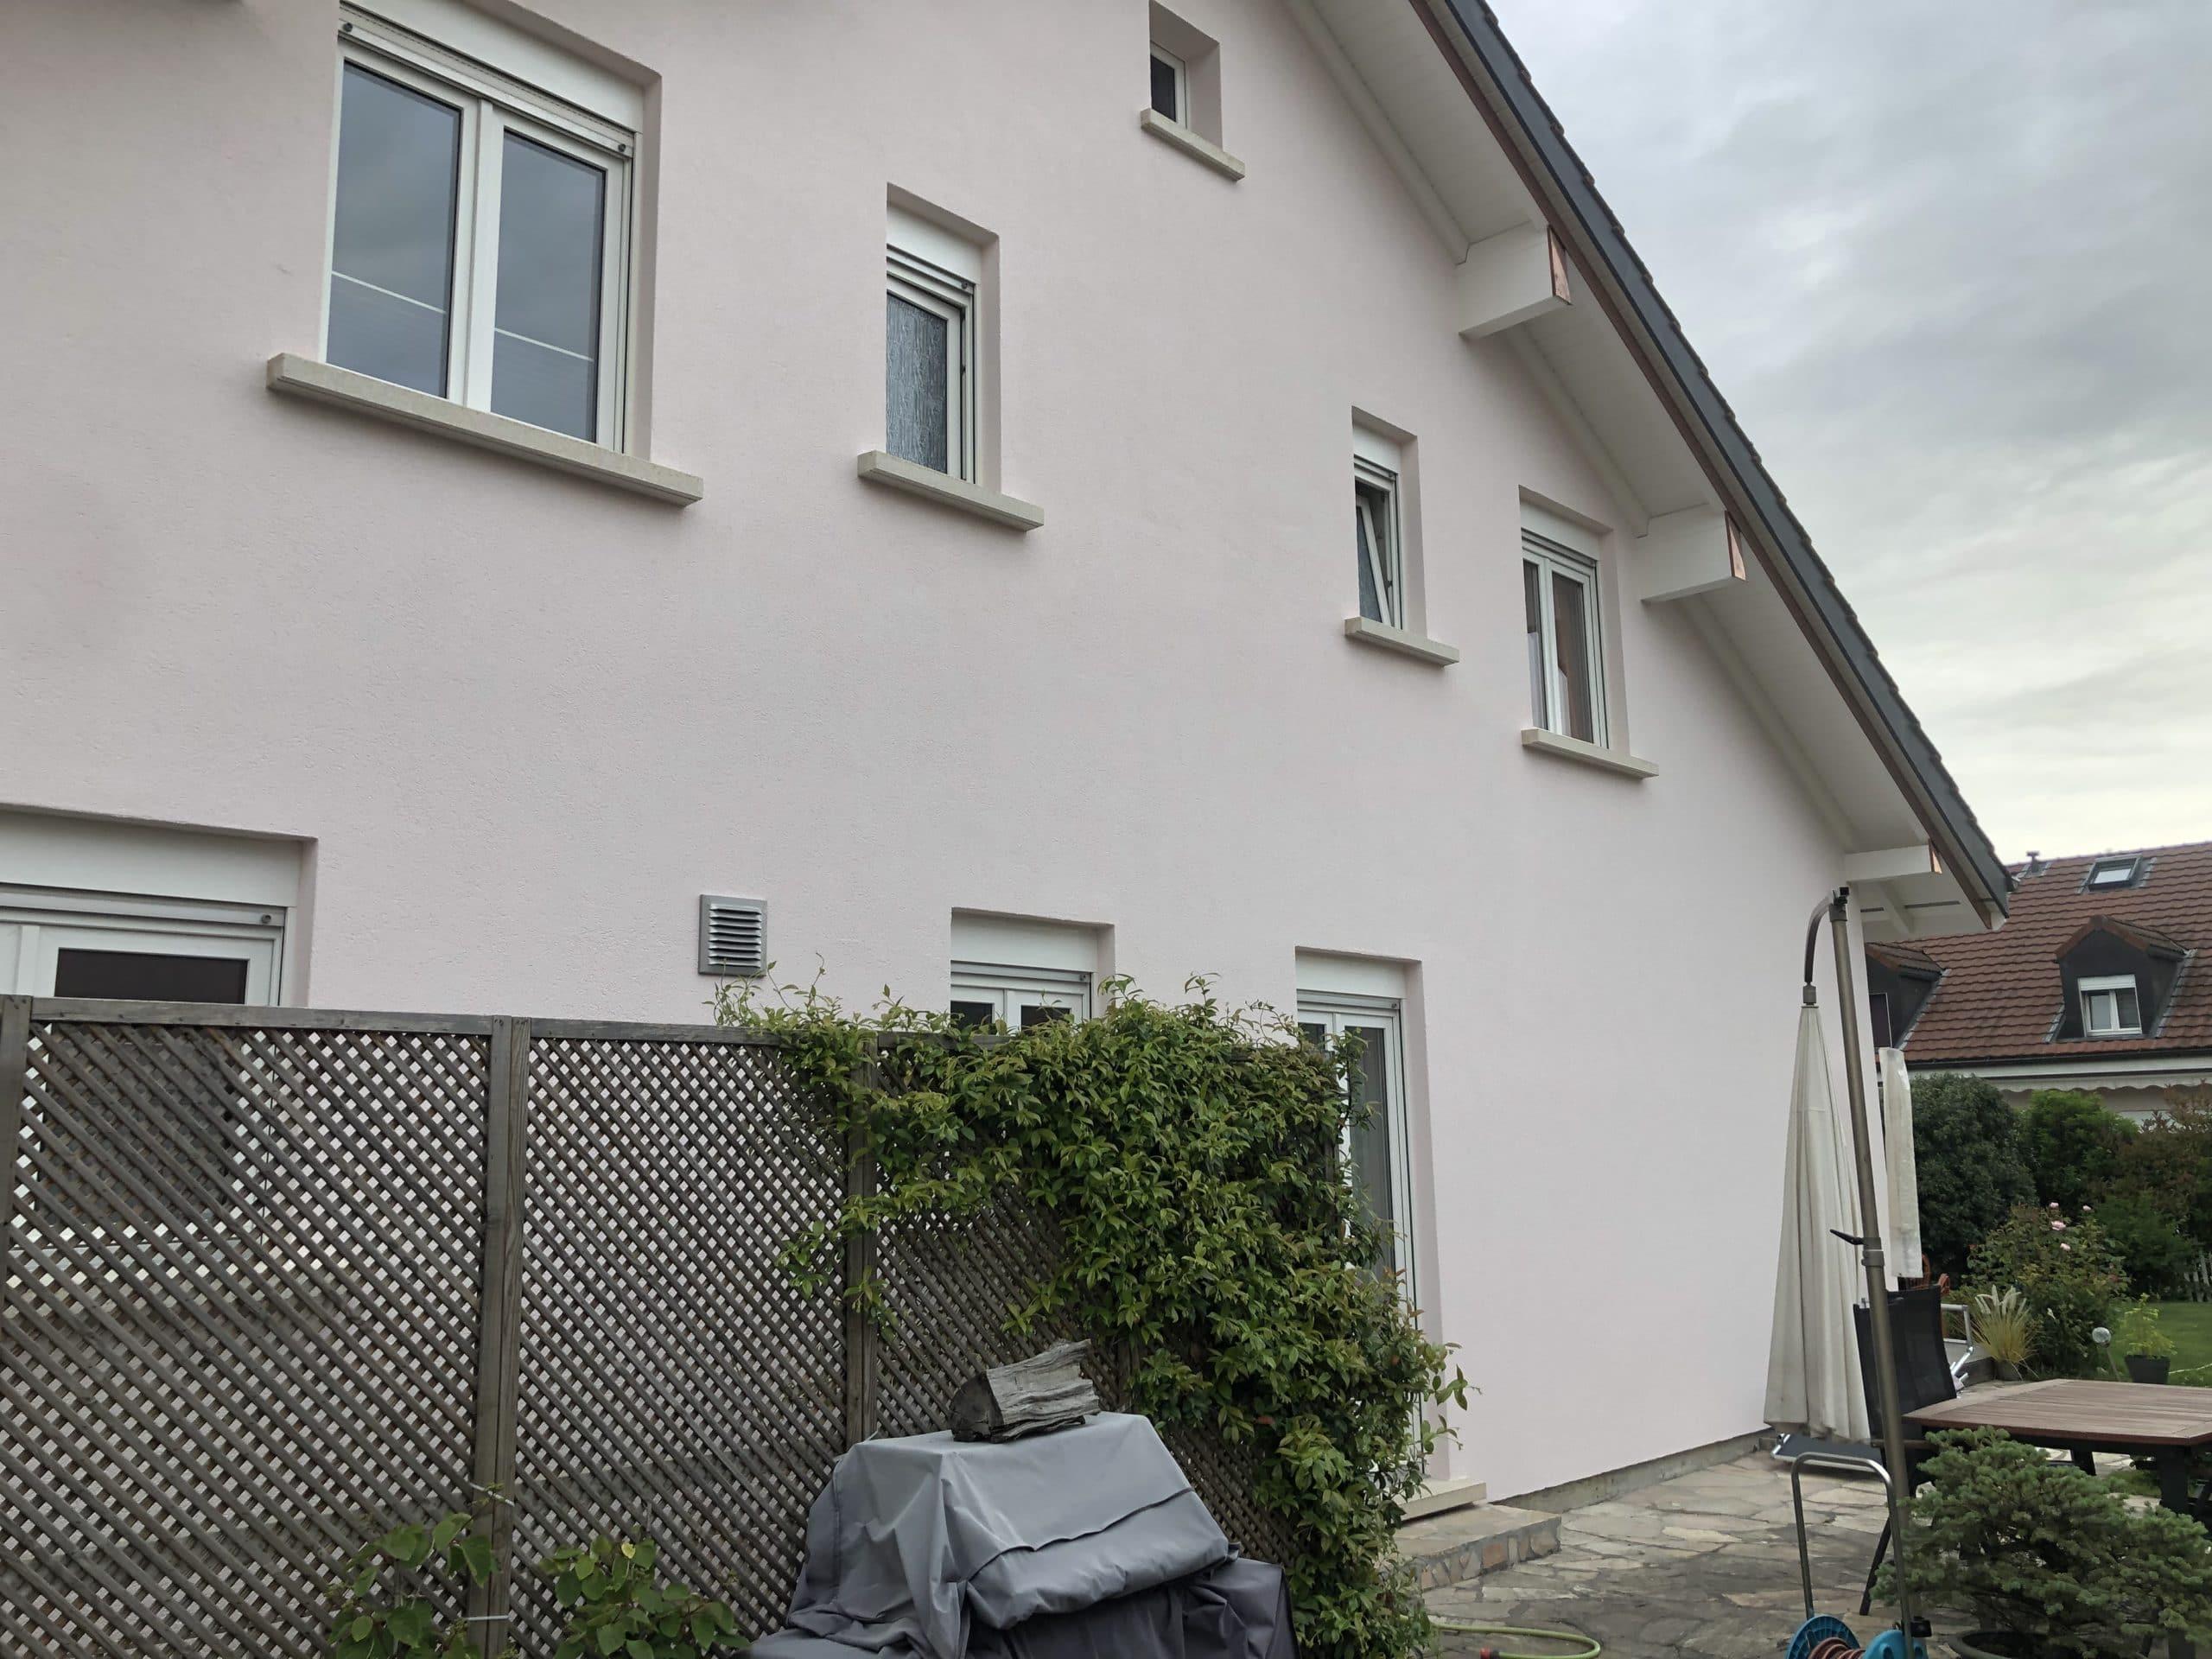 Travaux de peinture terminés sur murs et boiseries